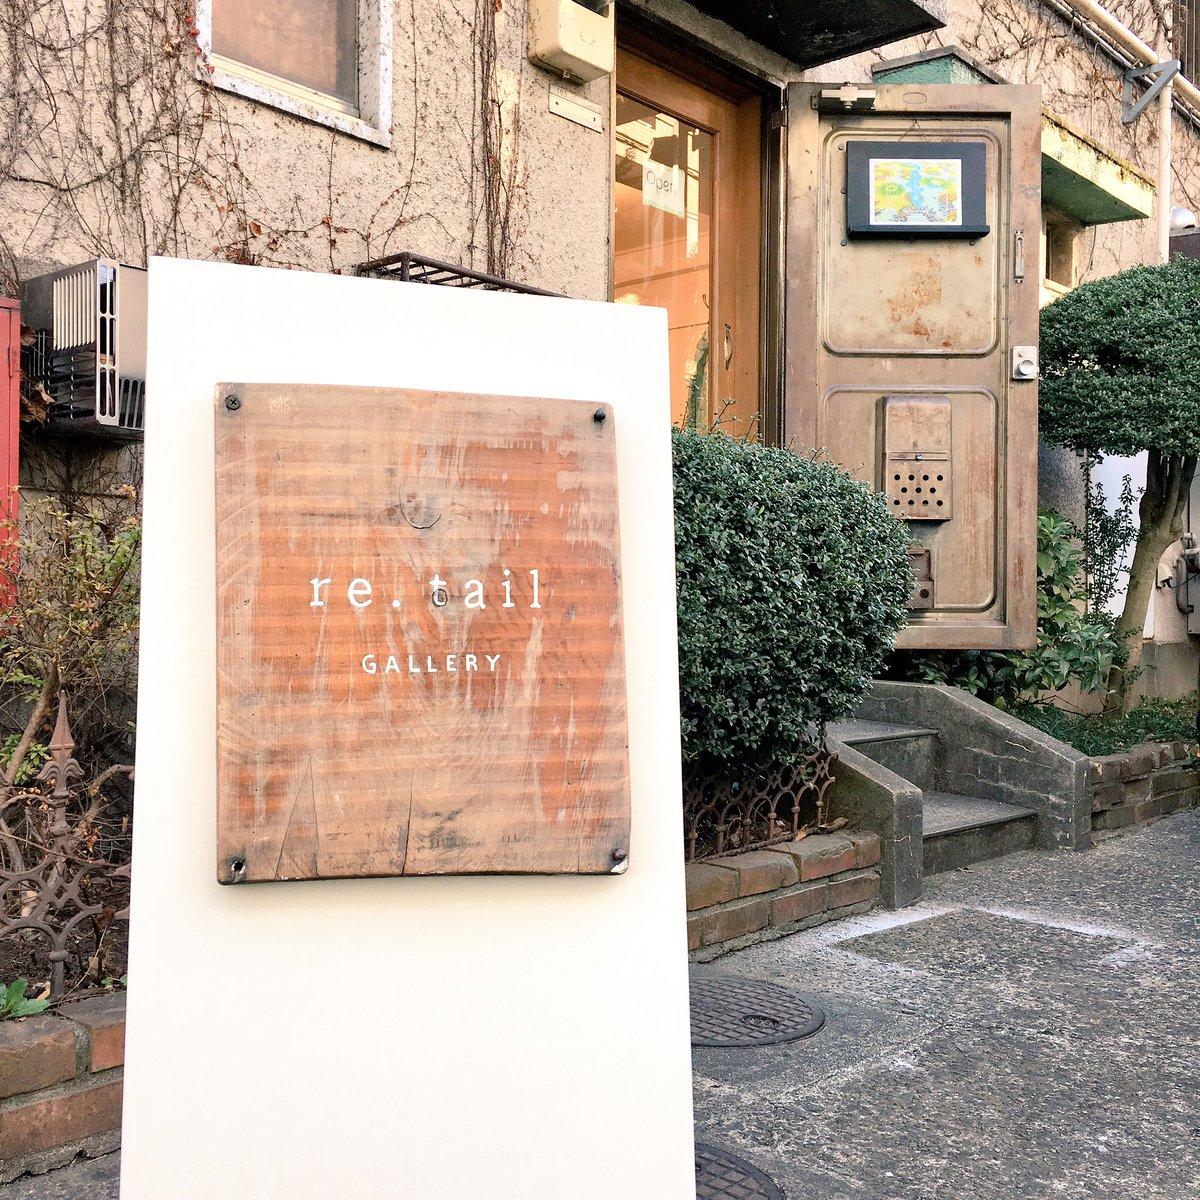 吉祥寺のギャラリーで開催していた「たまゆら展」に行ってきました!日本画と染織 2人展、作品の話や制作の想いなども聞けて、